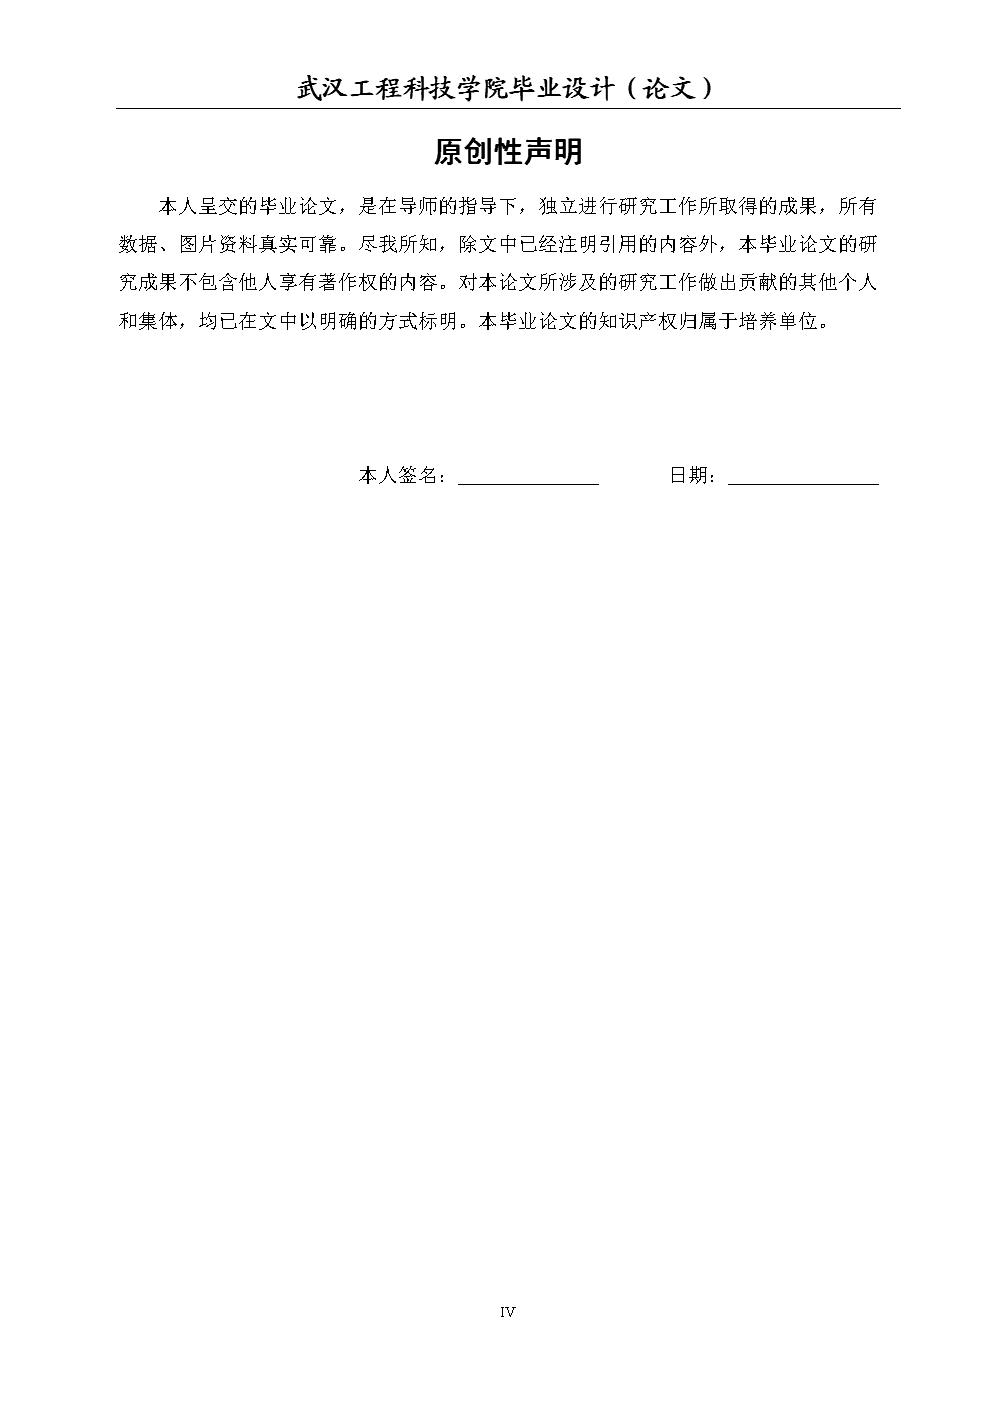 湖北汽車國際競爭力分析.doc